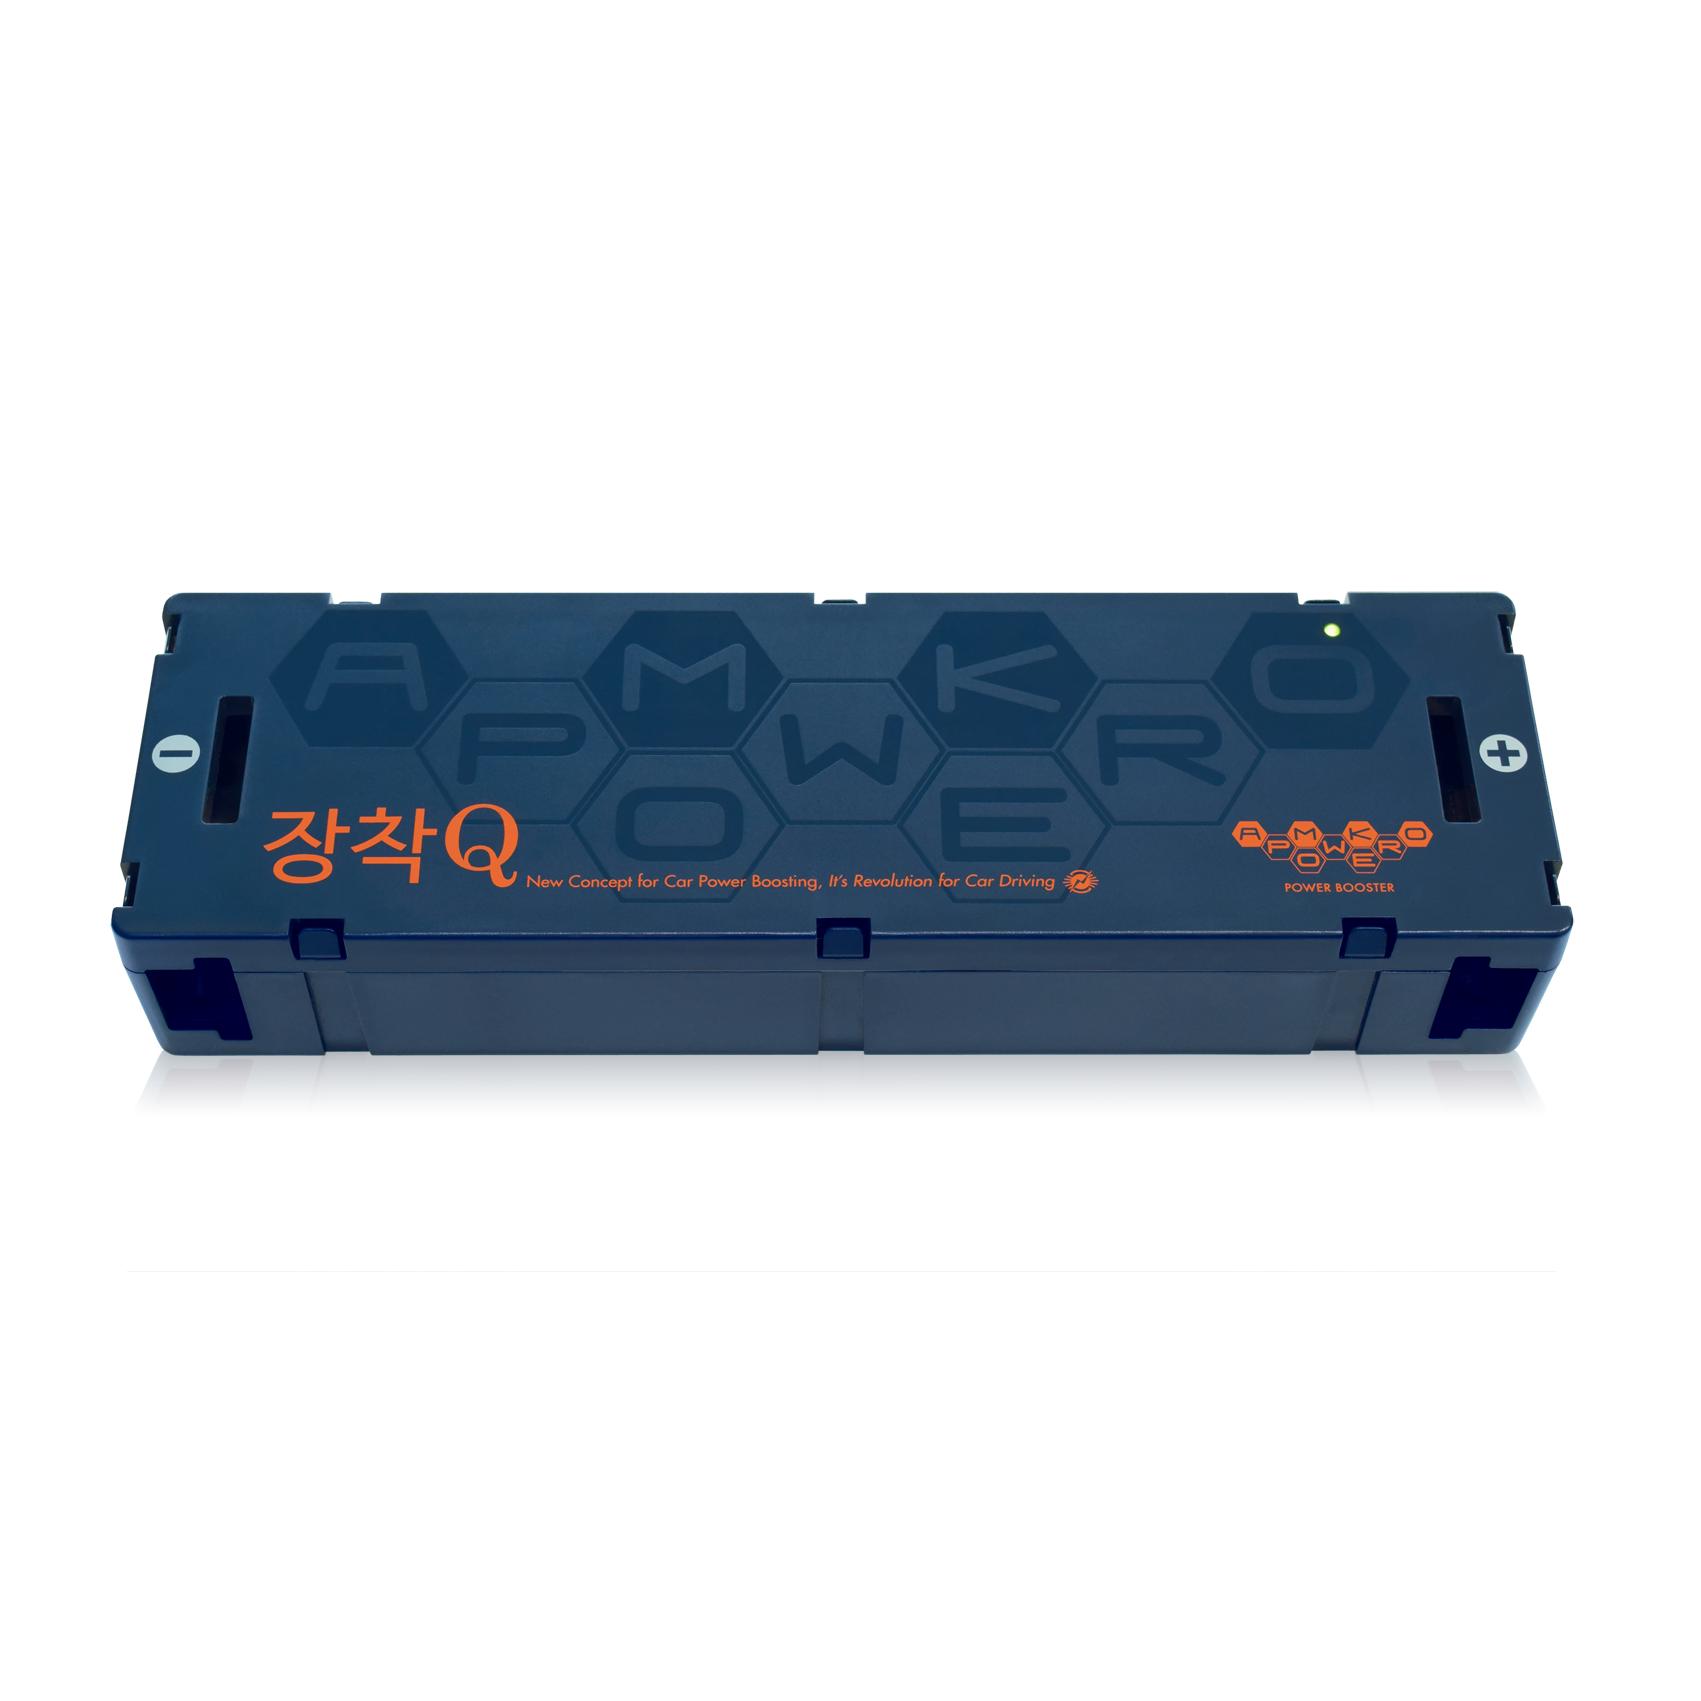 암코파워 장착Q 1세대 2세대 3세대 파워플러스일반버젼 블랙박스보조배터리 연비절감 출력증강 복합밸런싱 방전걱정무, 3세대보급